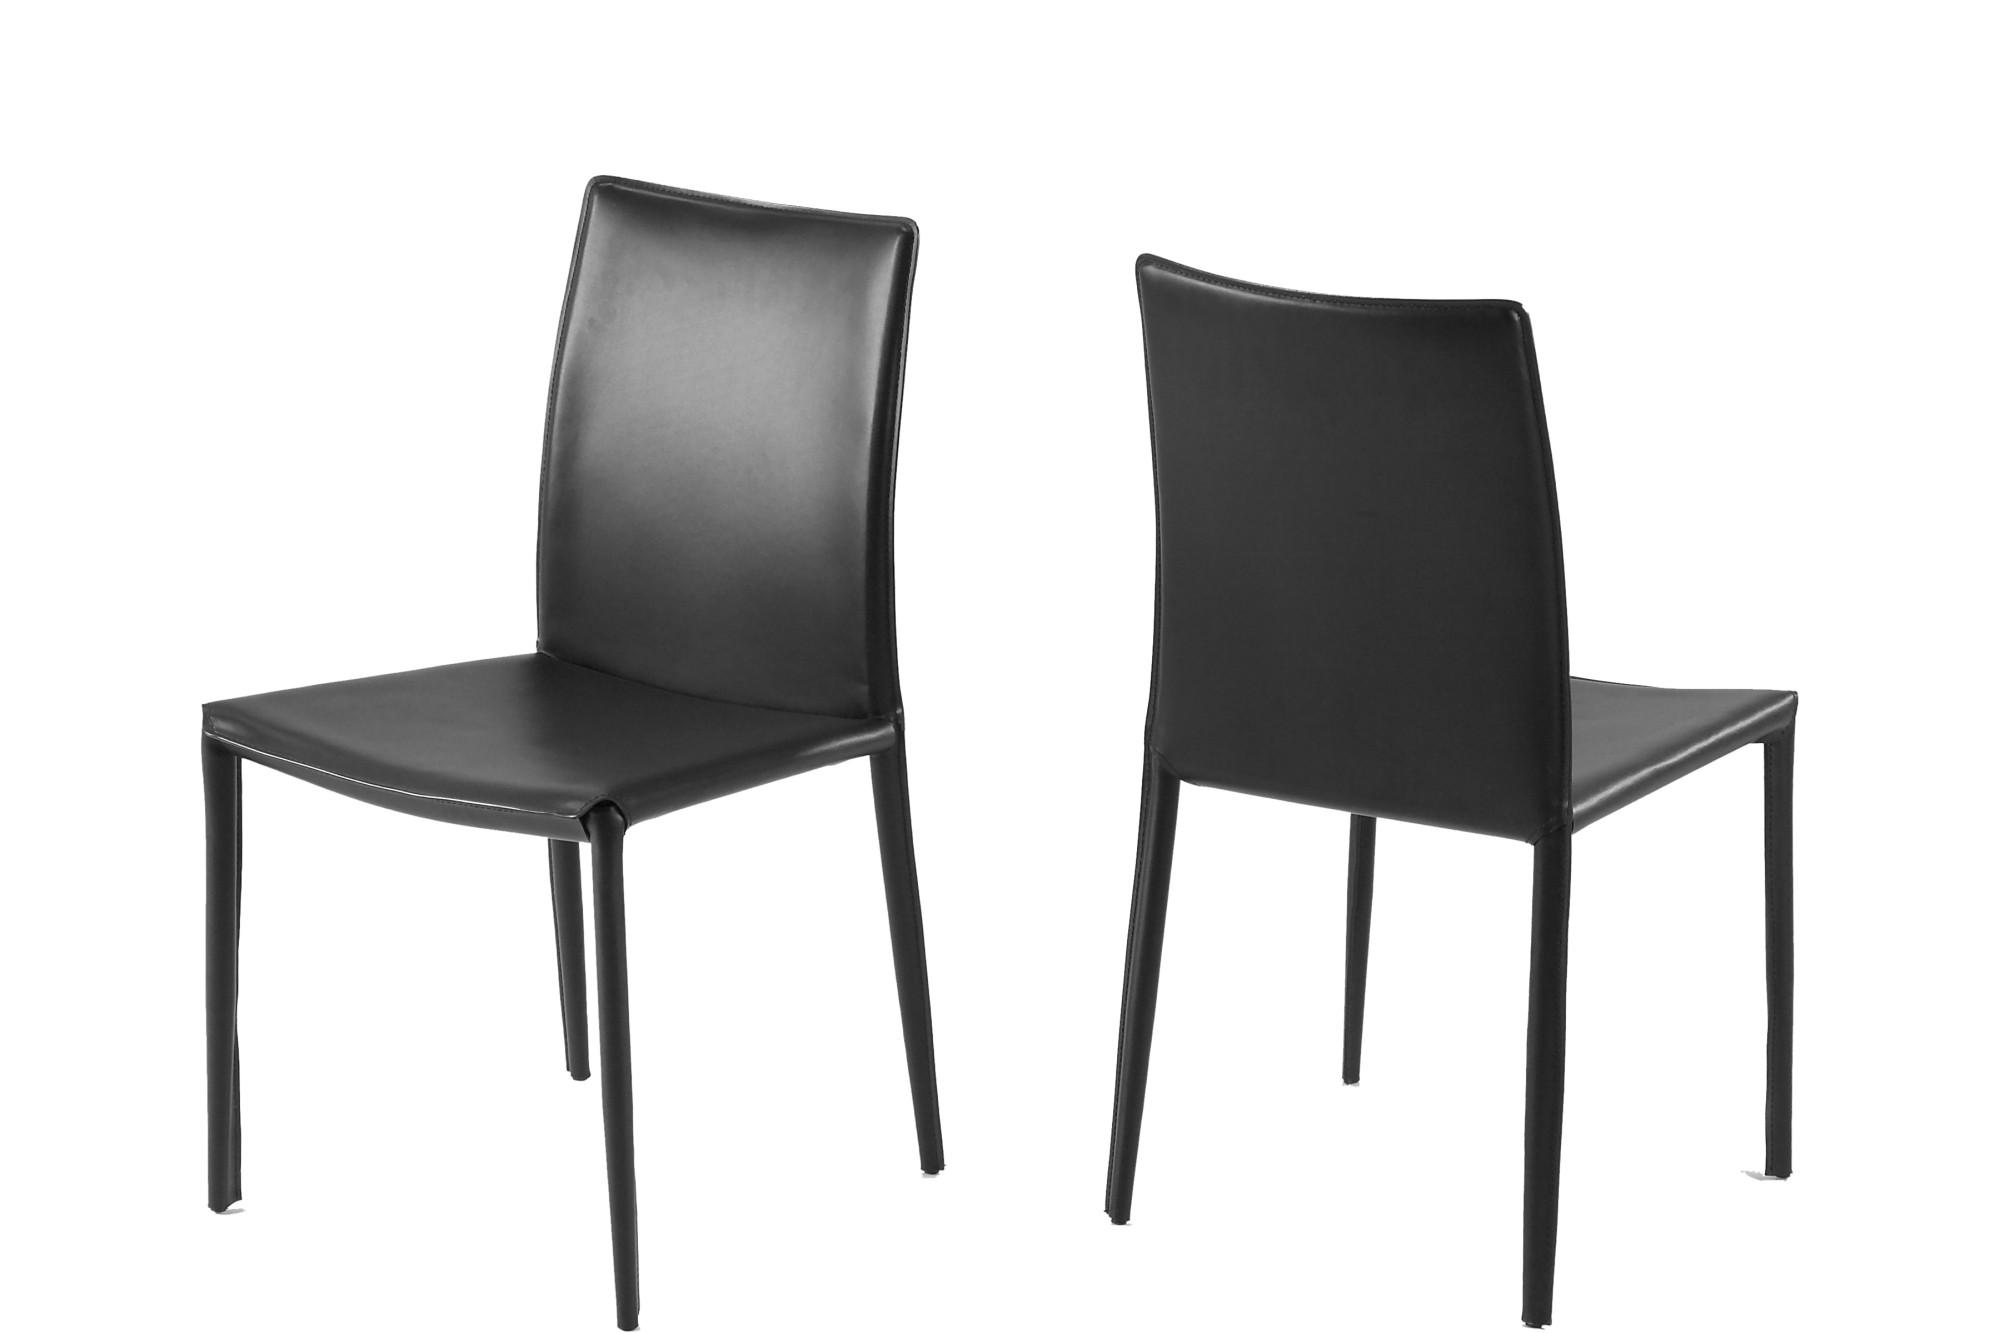 Zwarte eettafel stoelen for Eetkamerstoelen scandinavisch